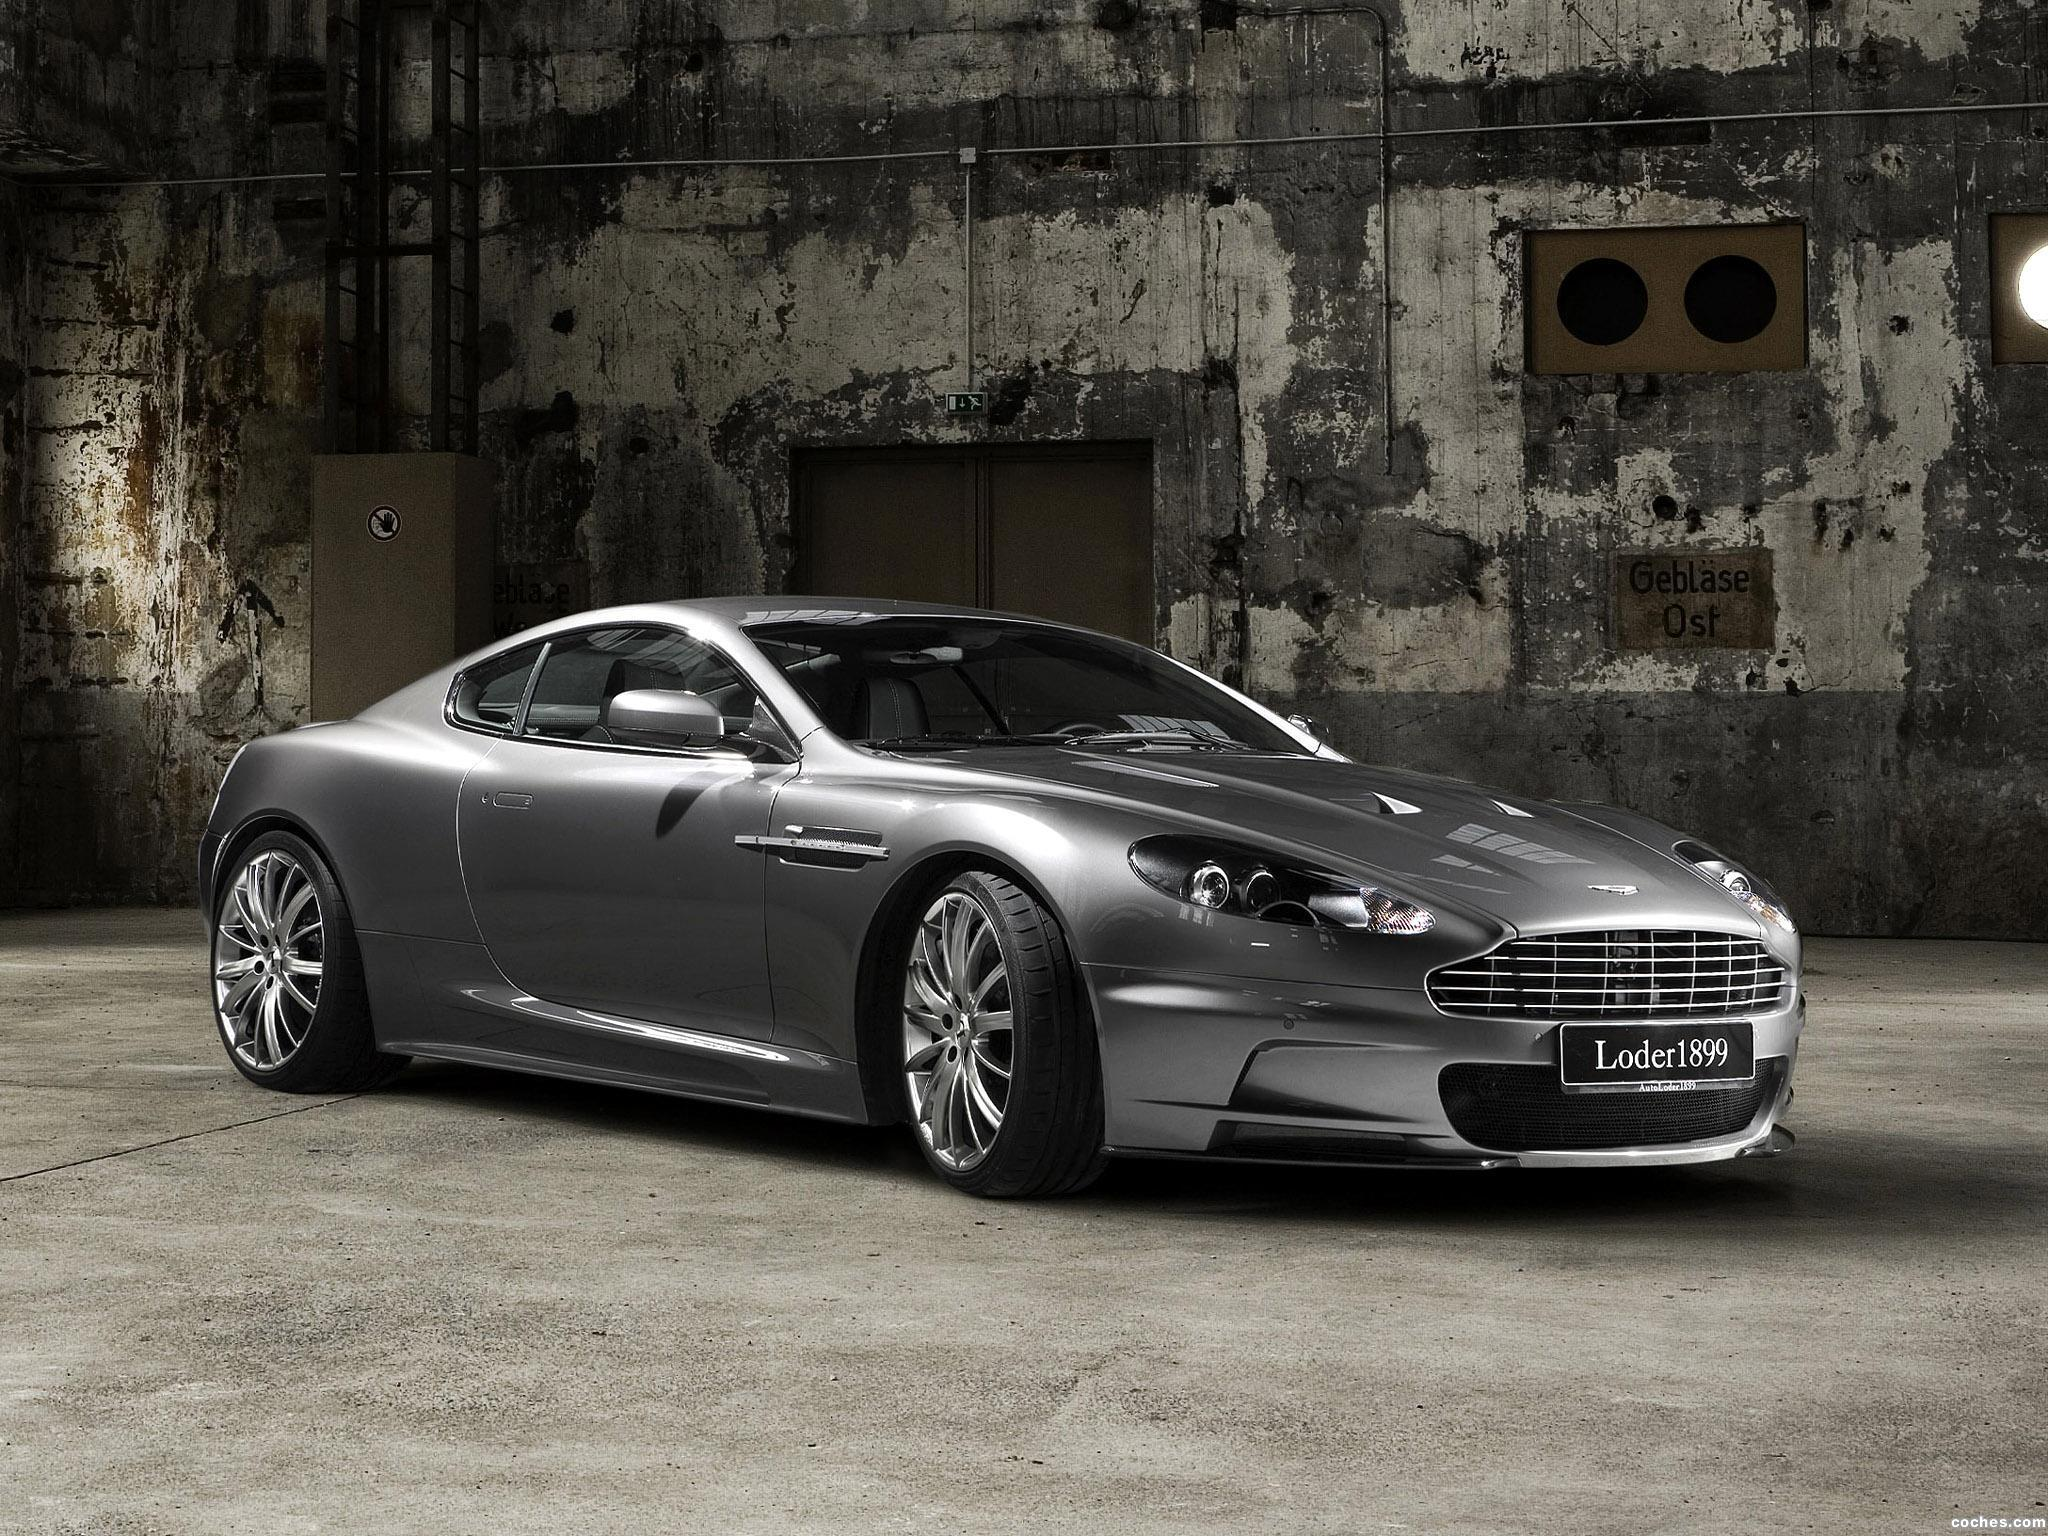 Foto 0 de Loder1899 Aston Martin DBS 2009